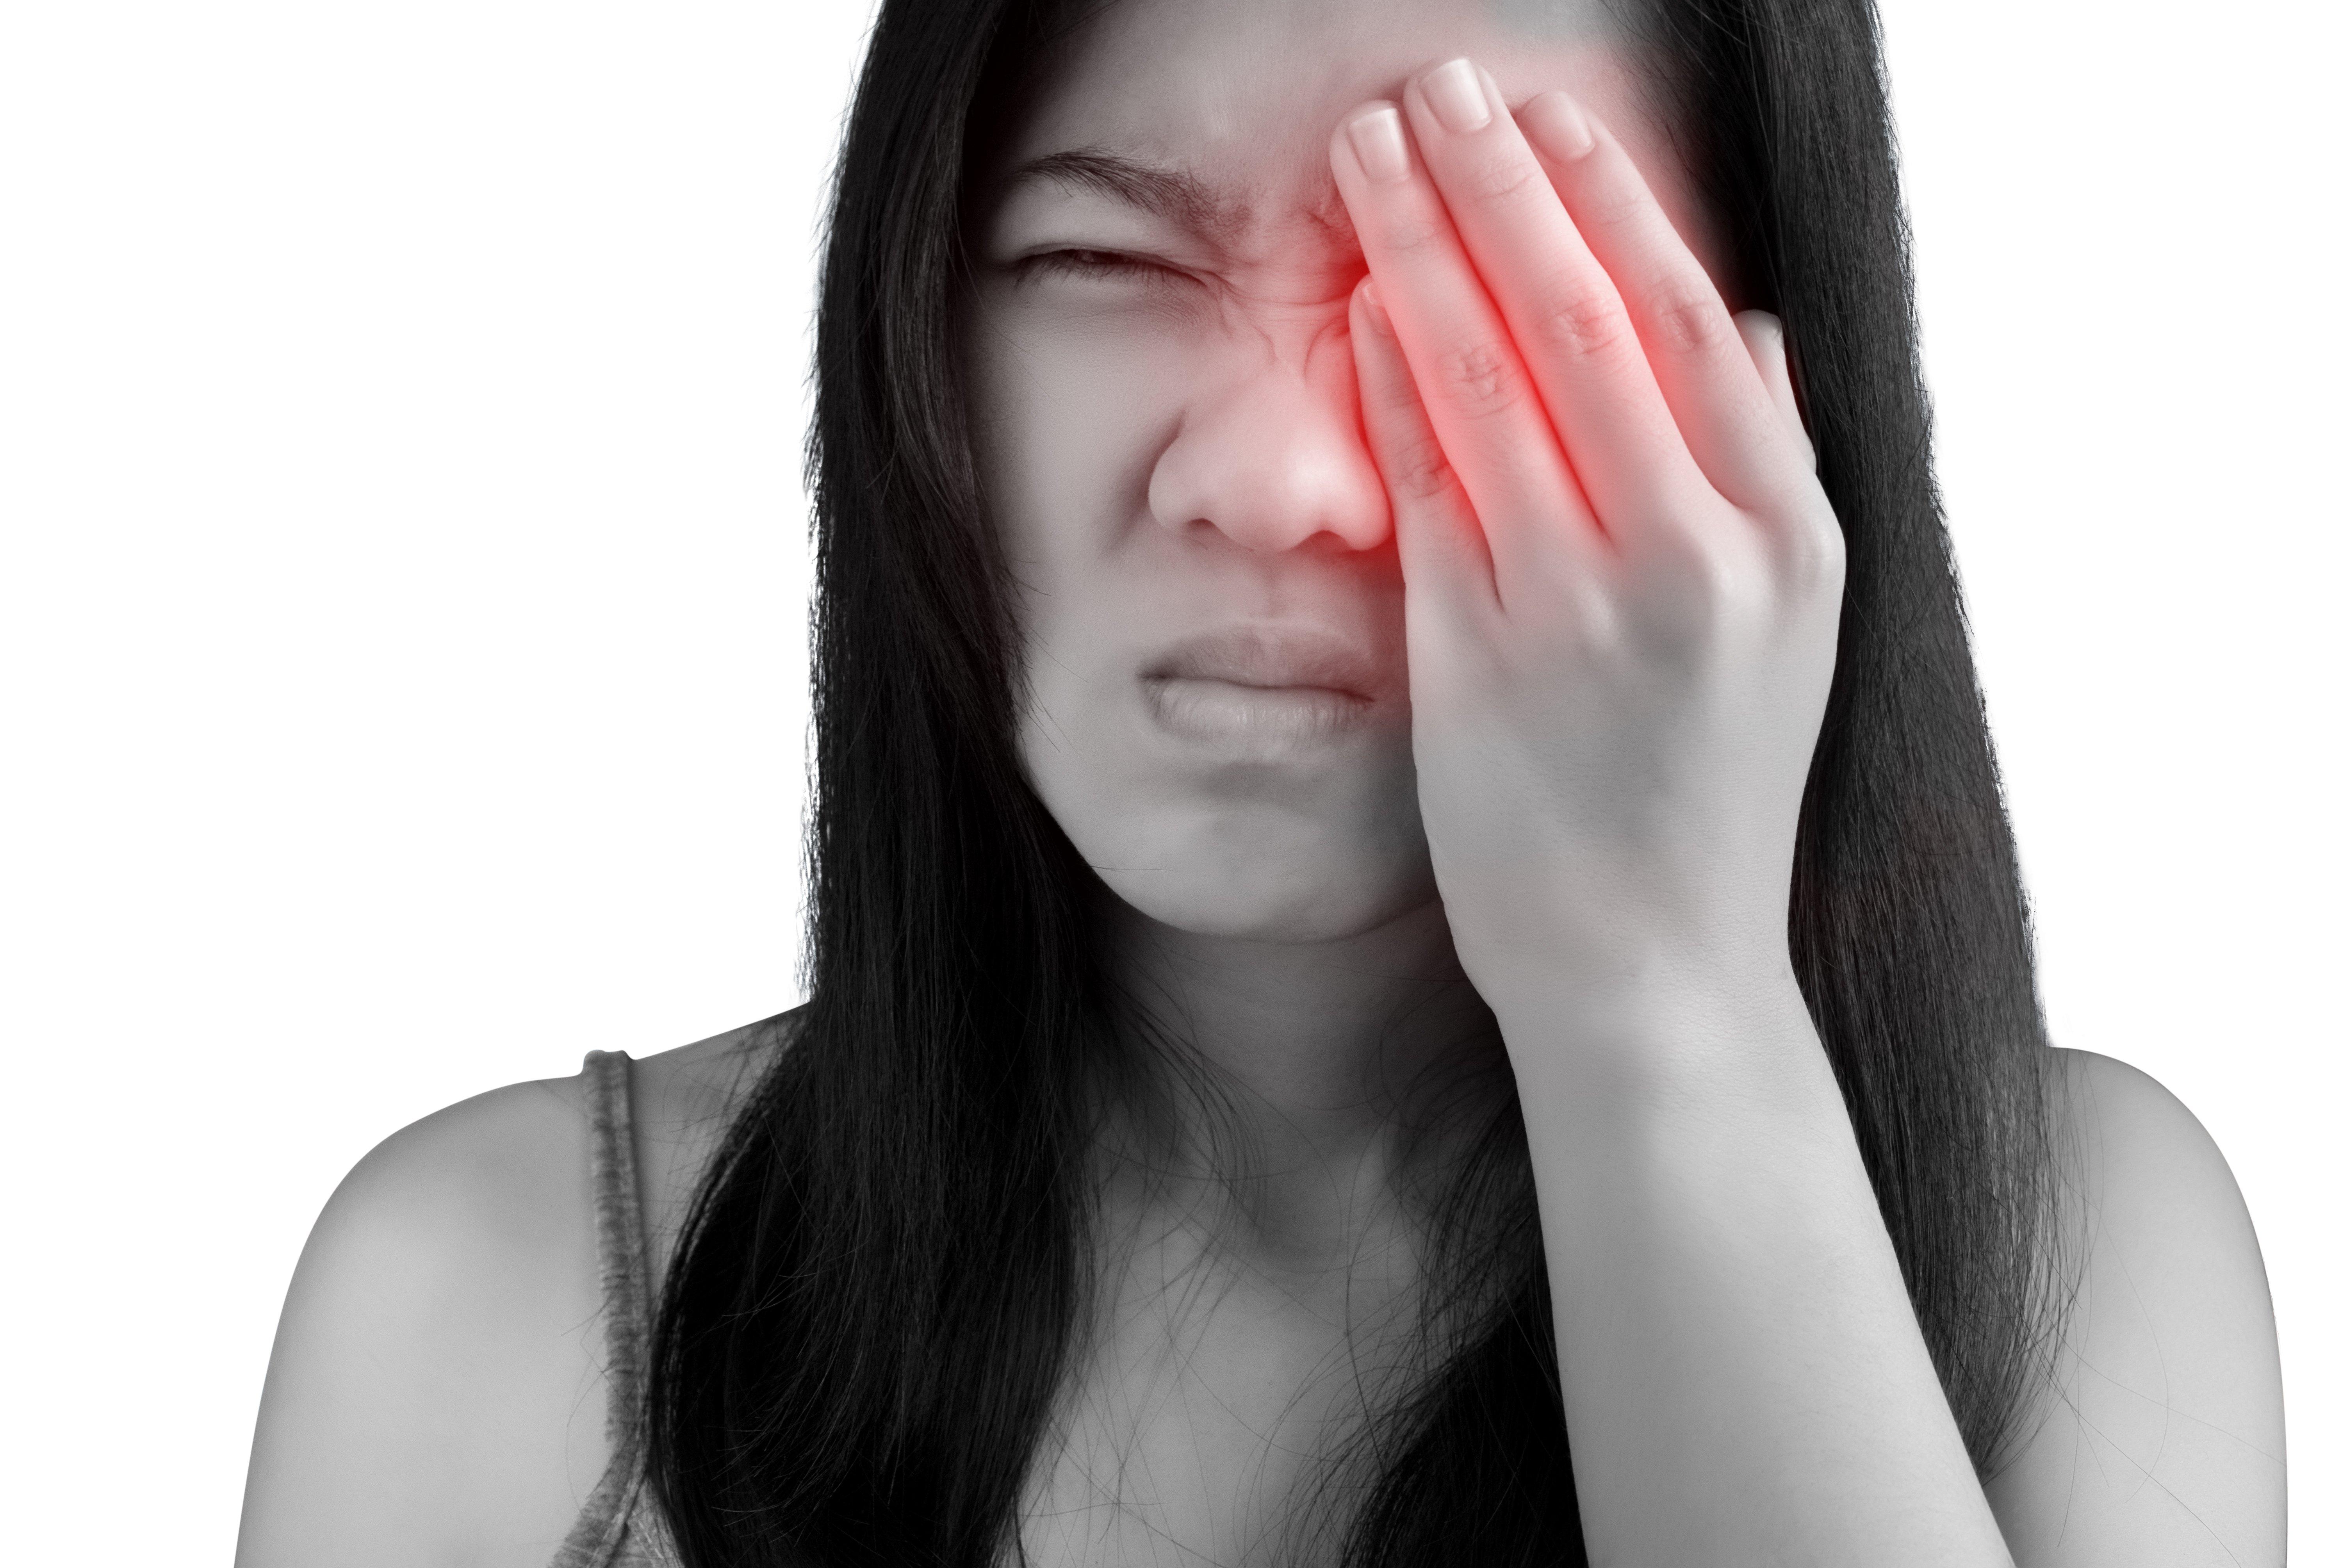 Une femme qui a mal aux yeux. Photo : Shutterstock.